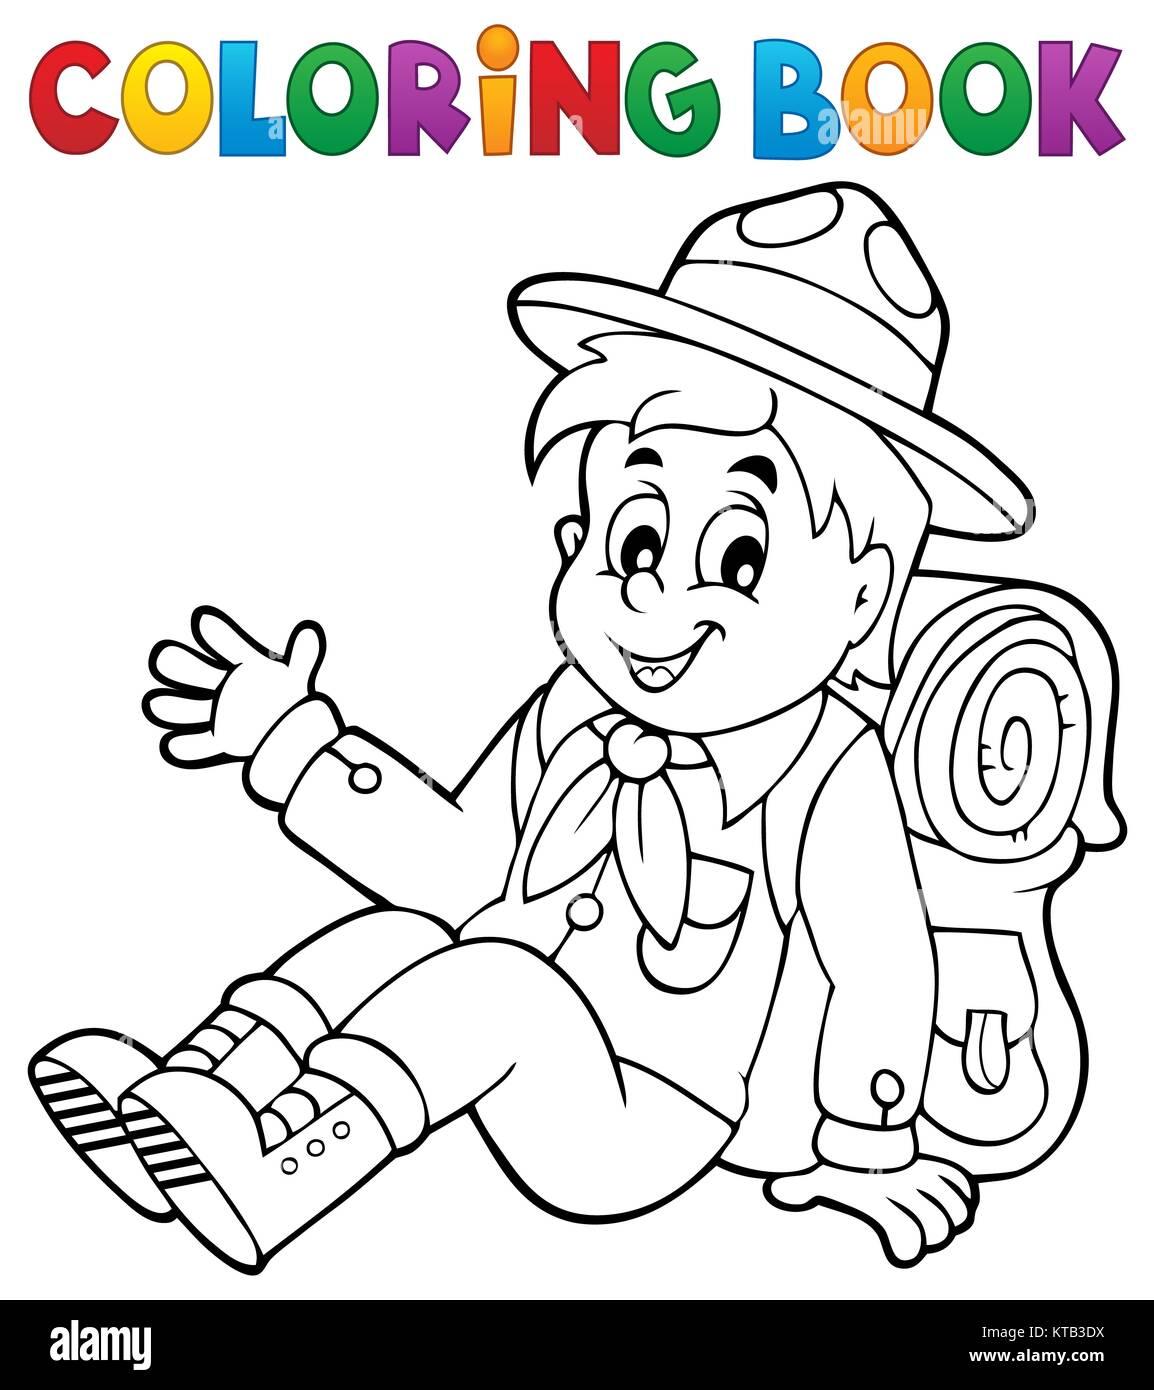 Atractivo Girl Scout Para Colorear Con Promesas Viñeta - Dibujos ...